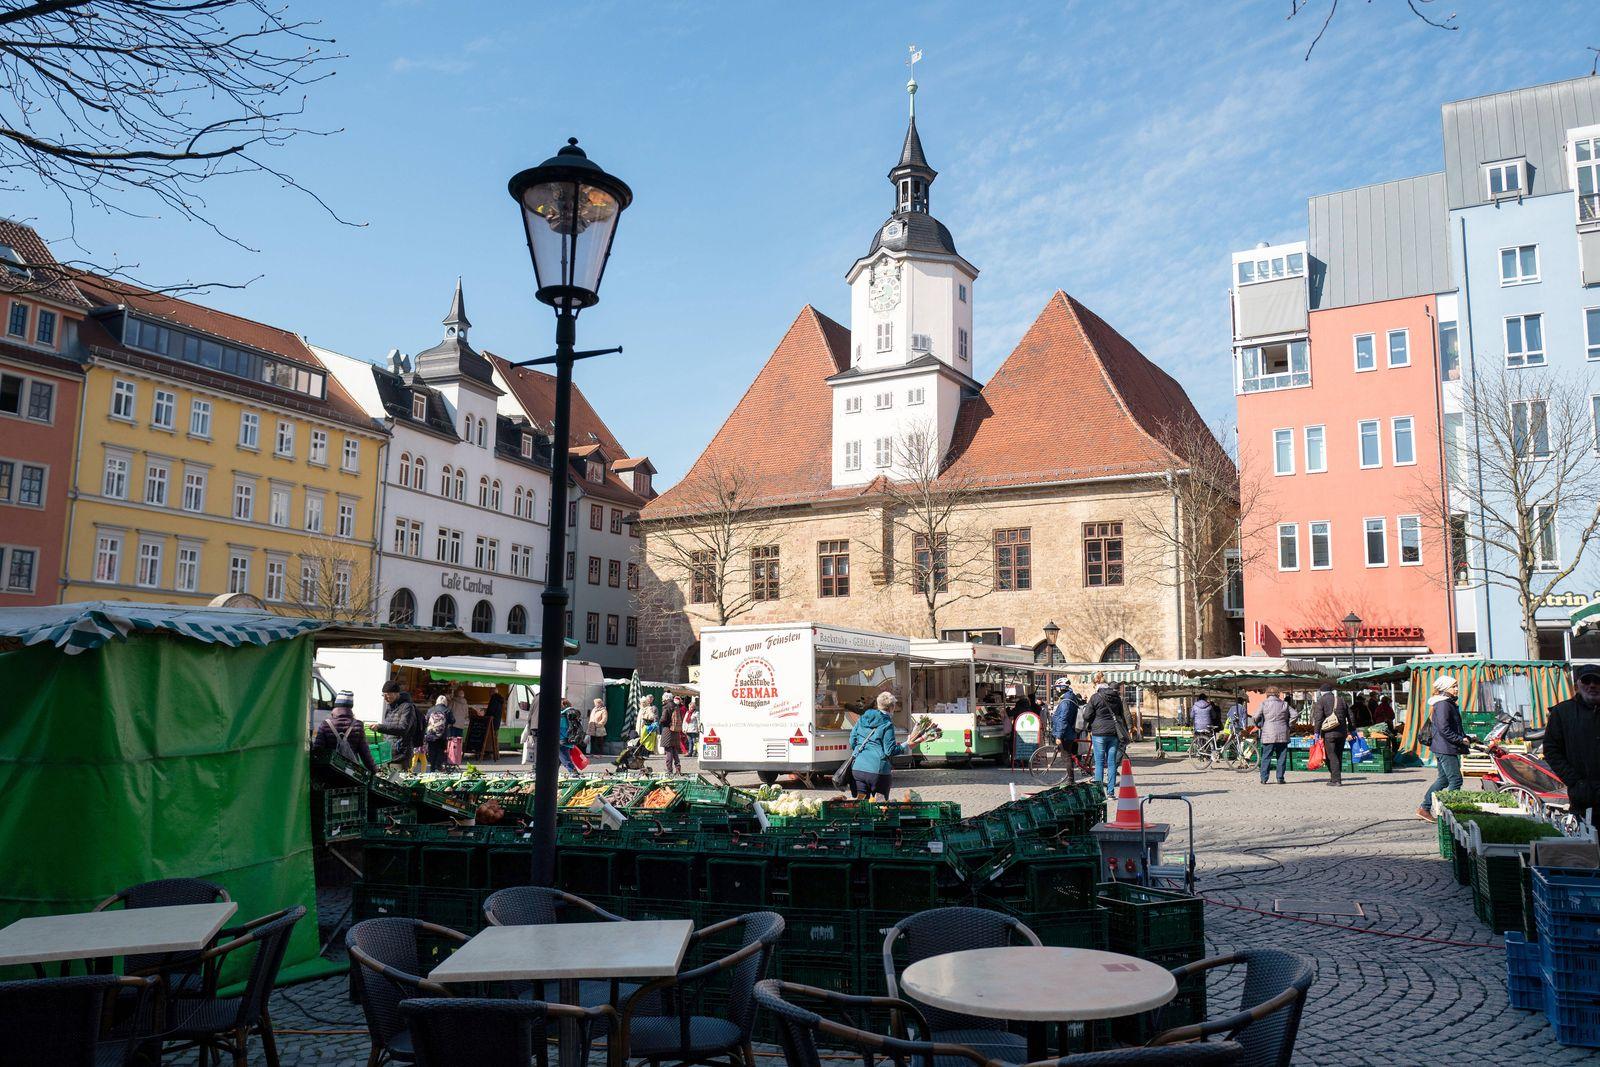 Der gut besuchte Wochenmarkt auf dem Markplatz in Jena am 2.4.2020. Innenstadt Jena *** The well-attended weekly market